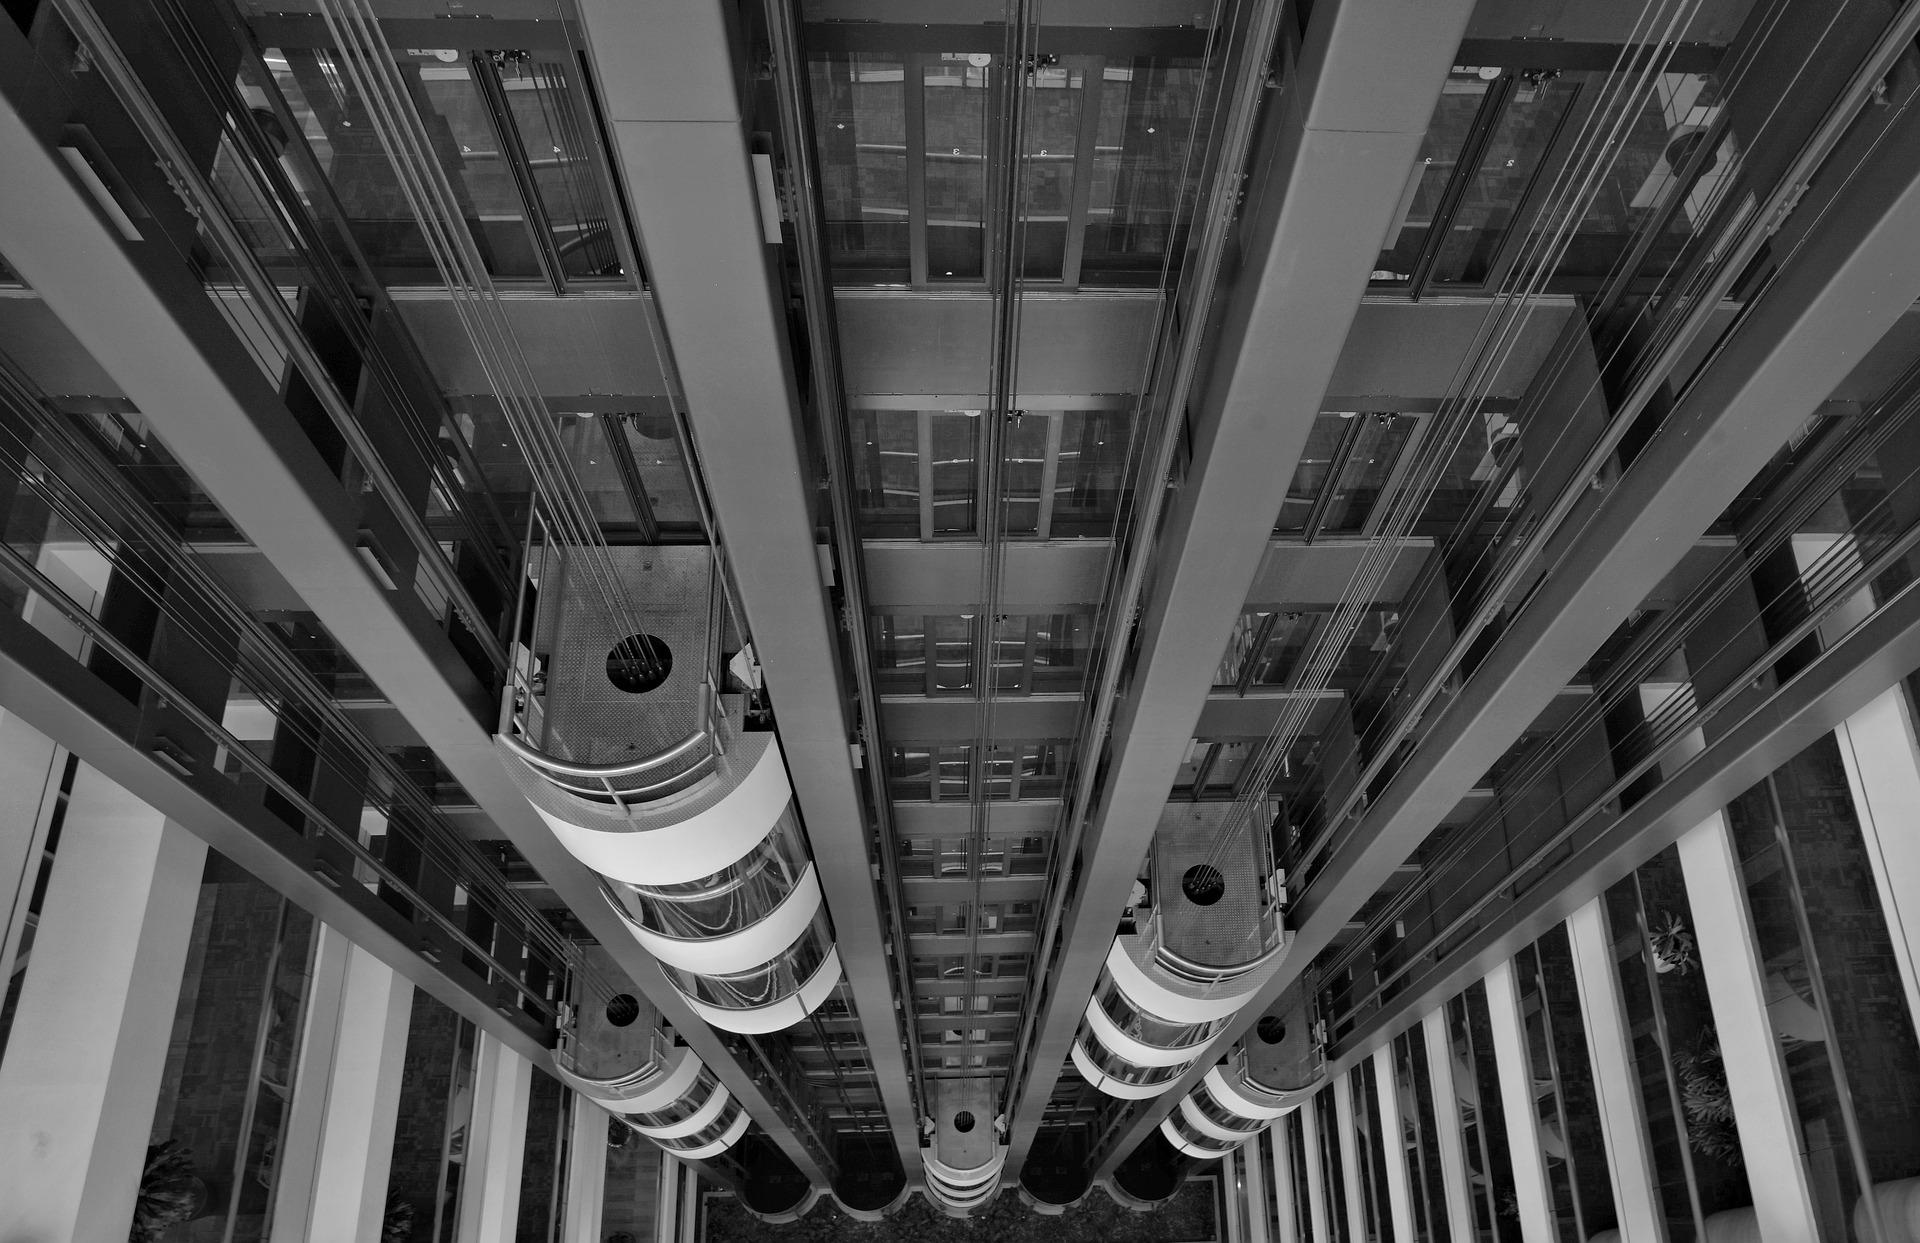 Binetti ascensori Cosenza Installazione e manutenzione